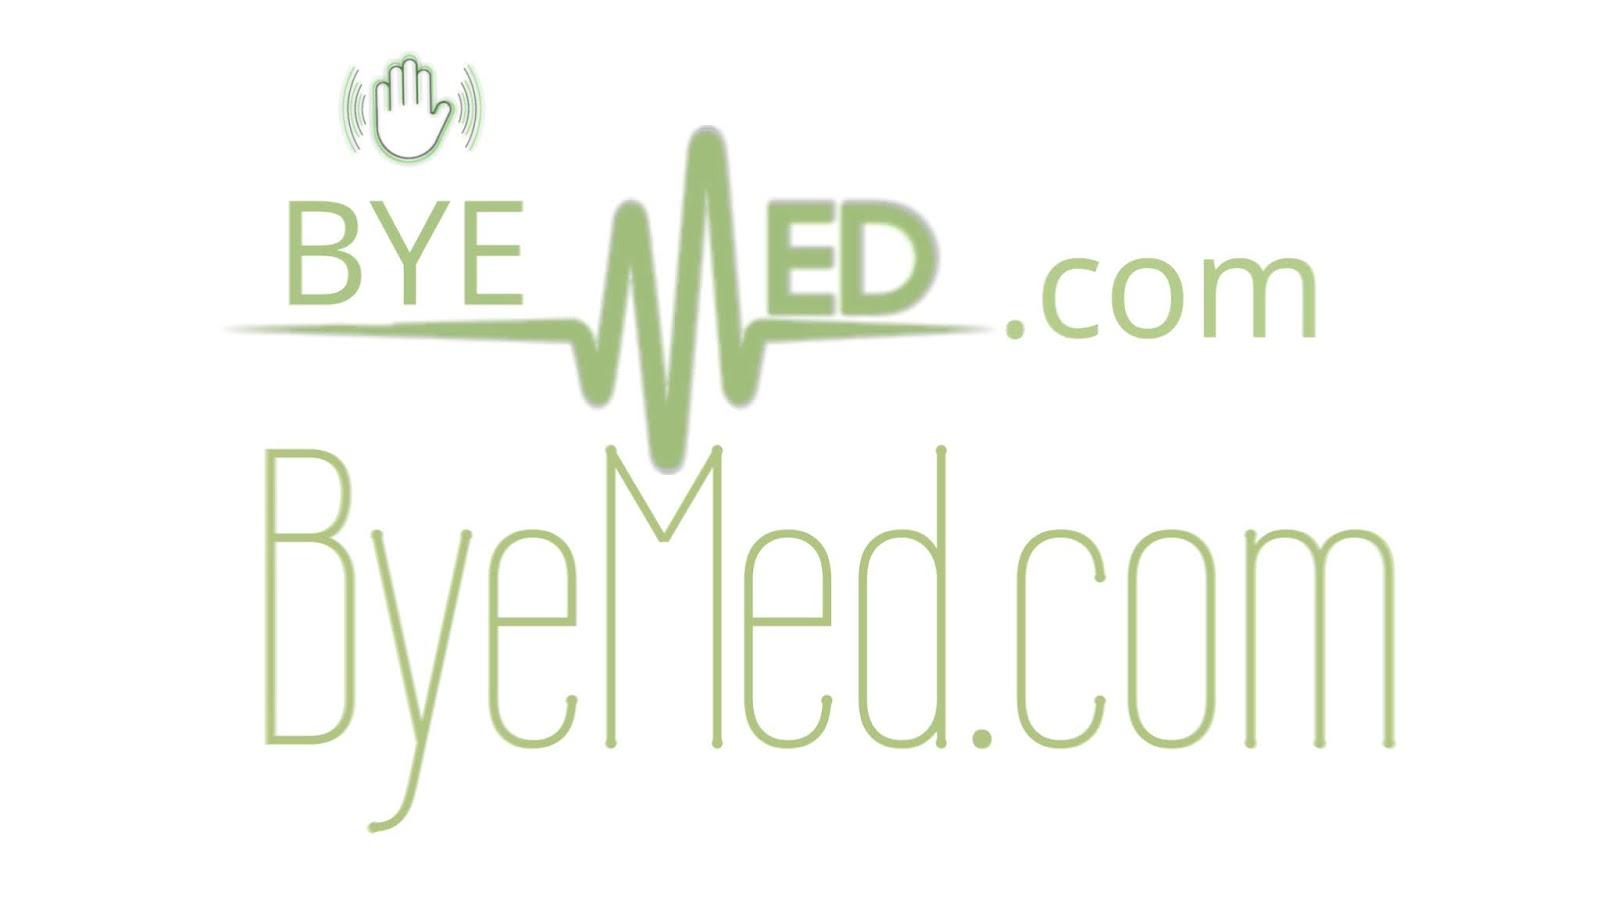 Bye Med 👋